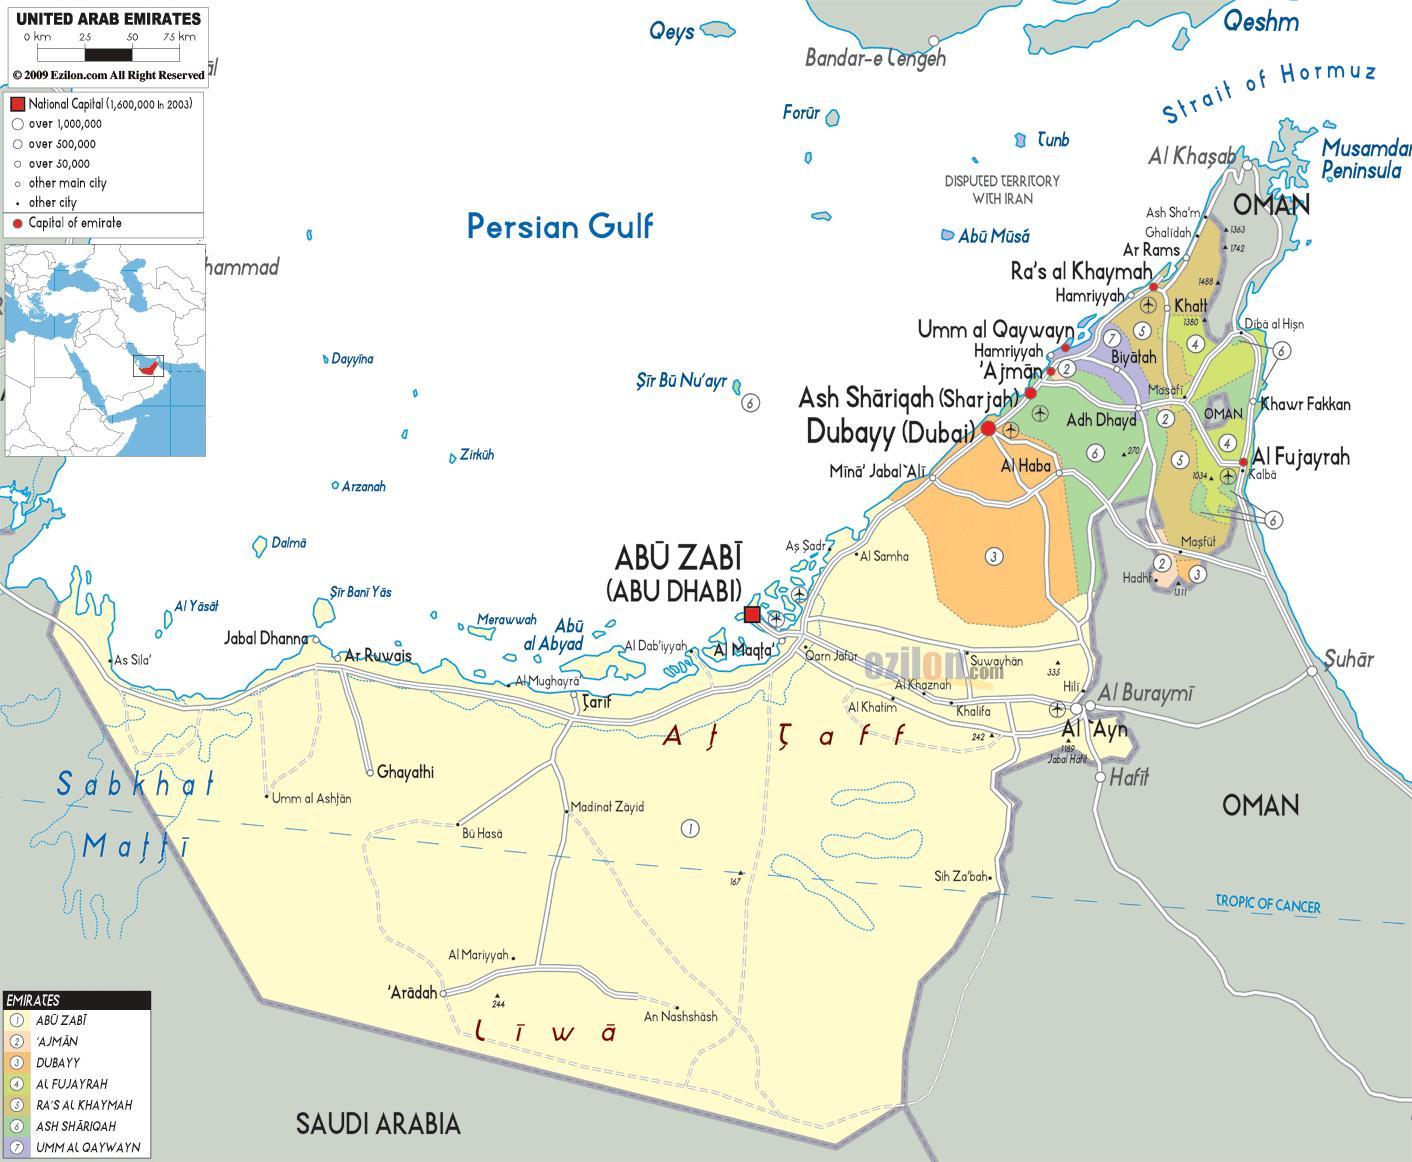 Dubai Yhdistyneet Arabiemiirikunnat Kartta Kartta Dubai